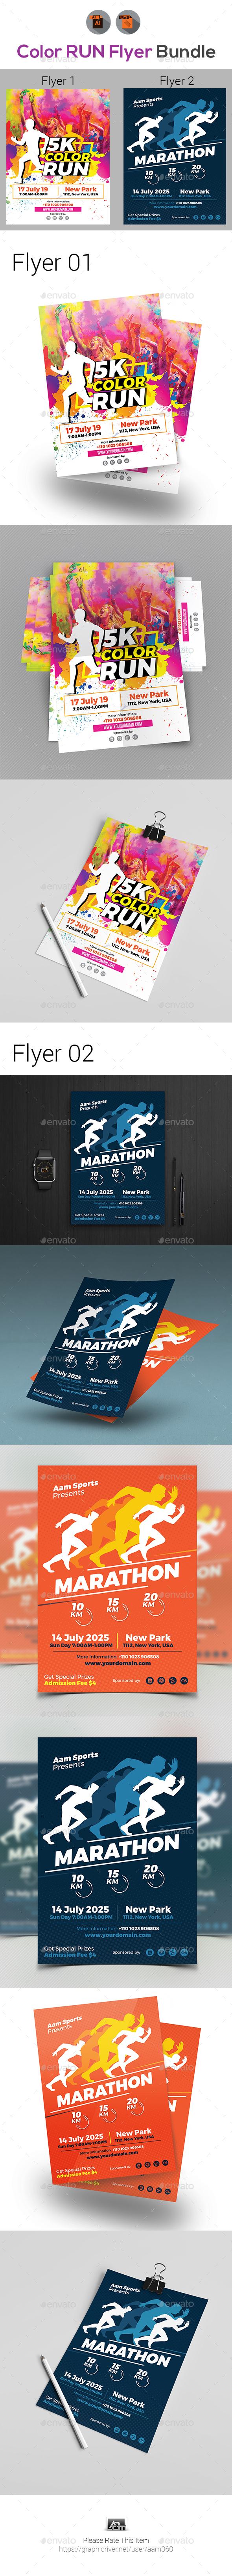 GraphicRiver Color Run & Marathon Fest Flyers Bundle 20780241